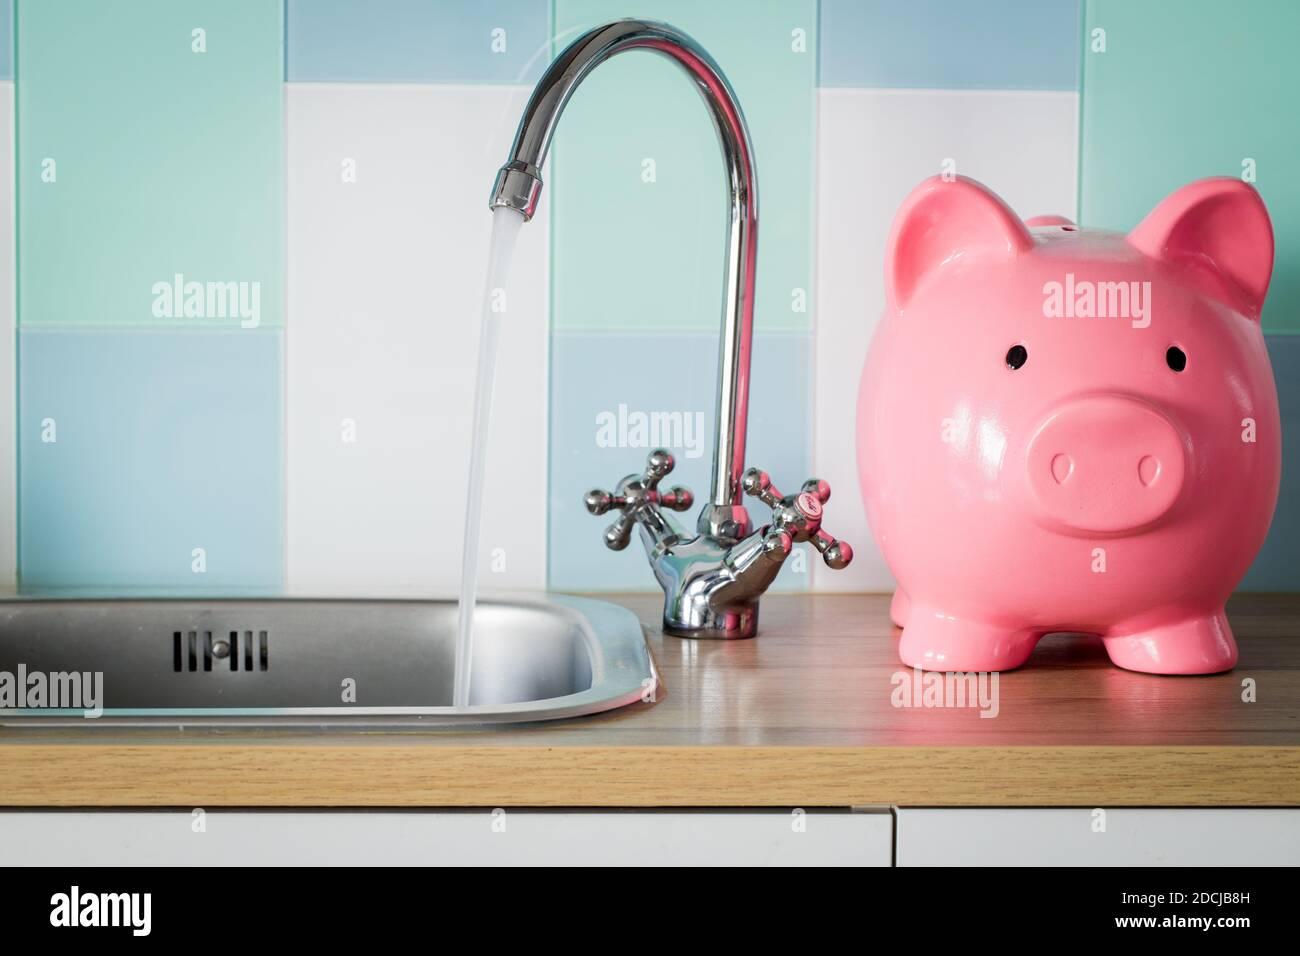 El agua corriente y un banco de pigmeos de pie junto a ella. Concepto de precio de consumo de agua Foto de stock